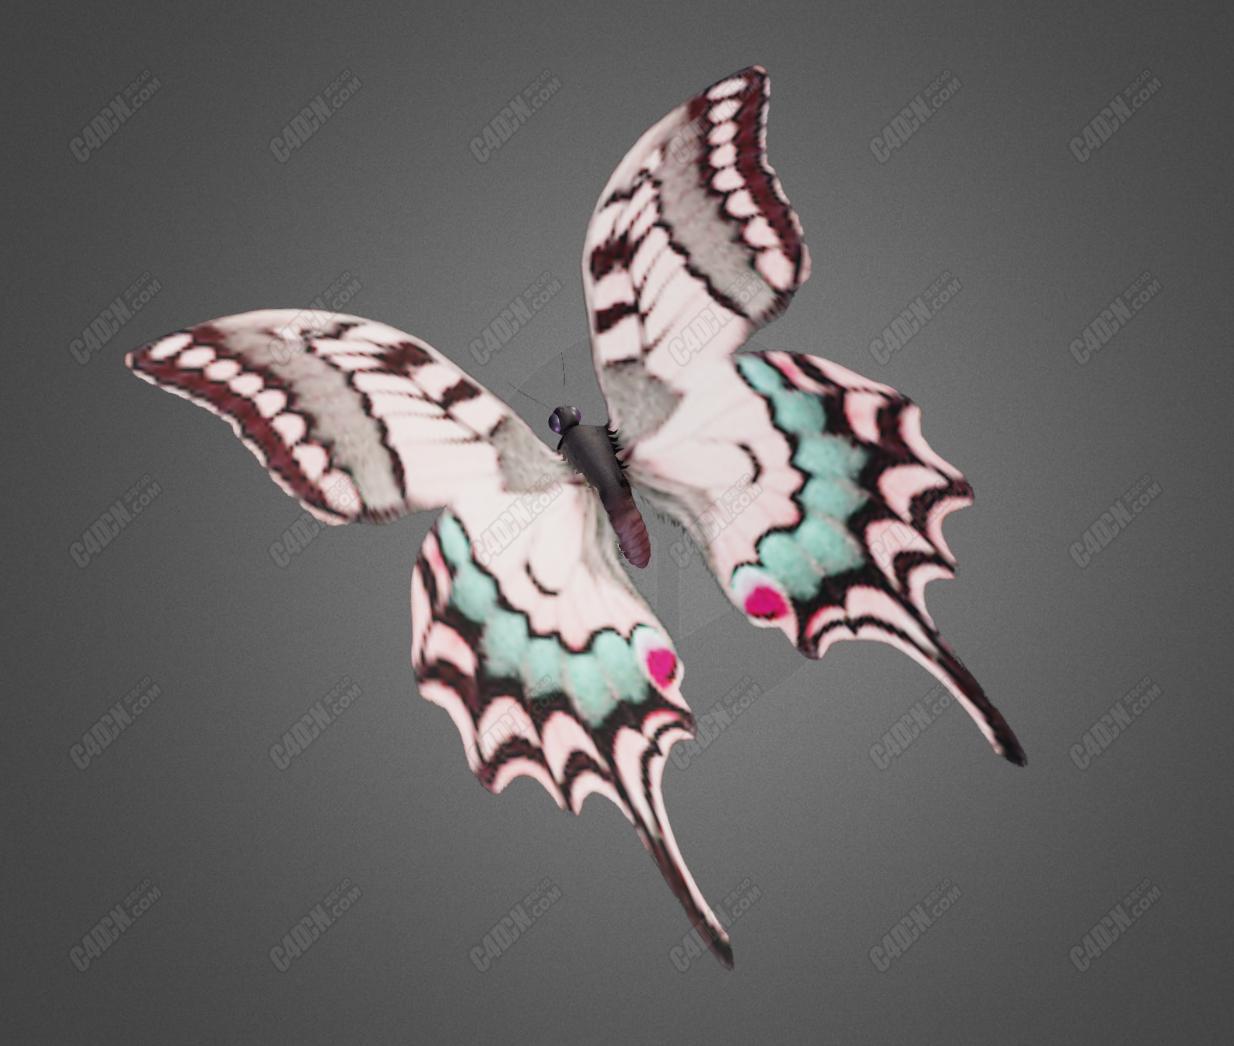 C4D飞蛾昆虫飞行动画工程模型